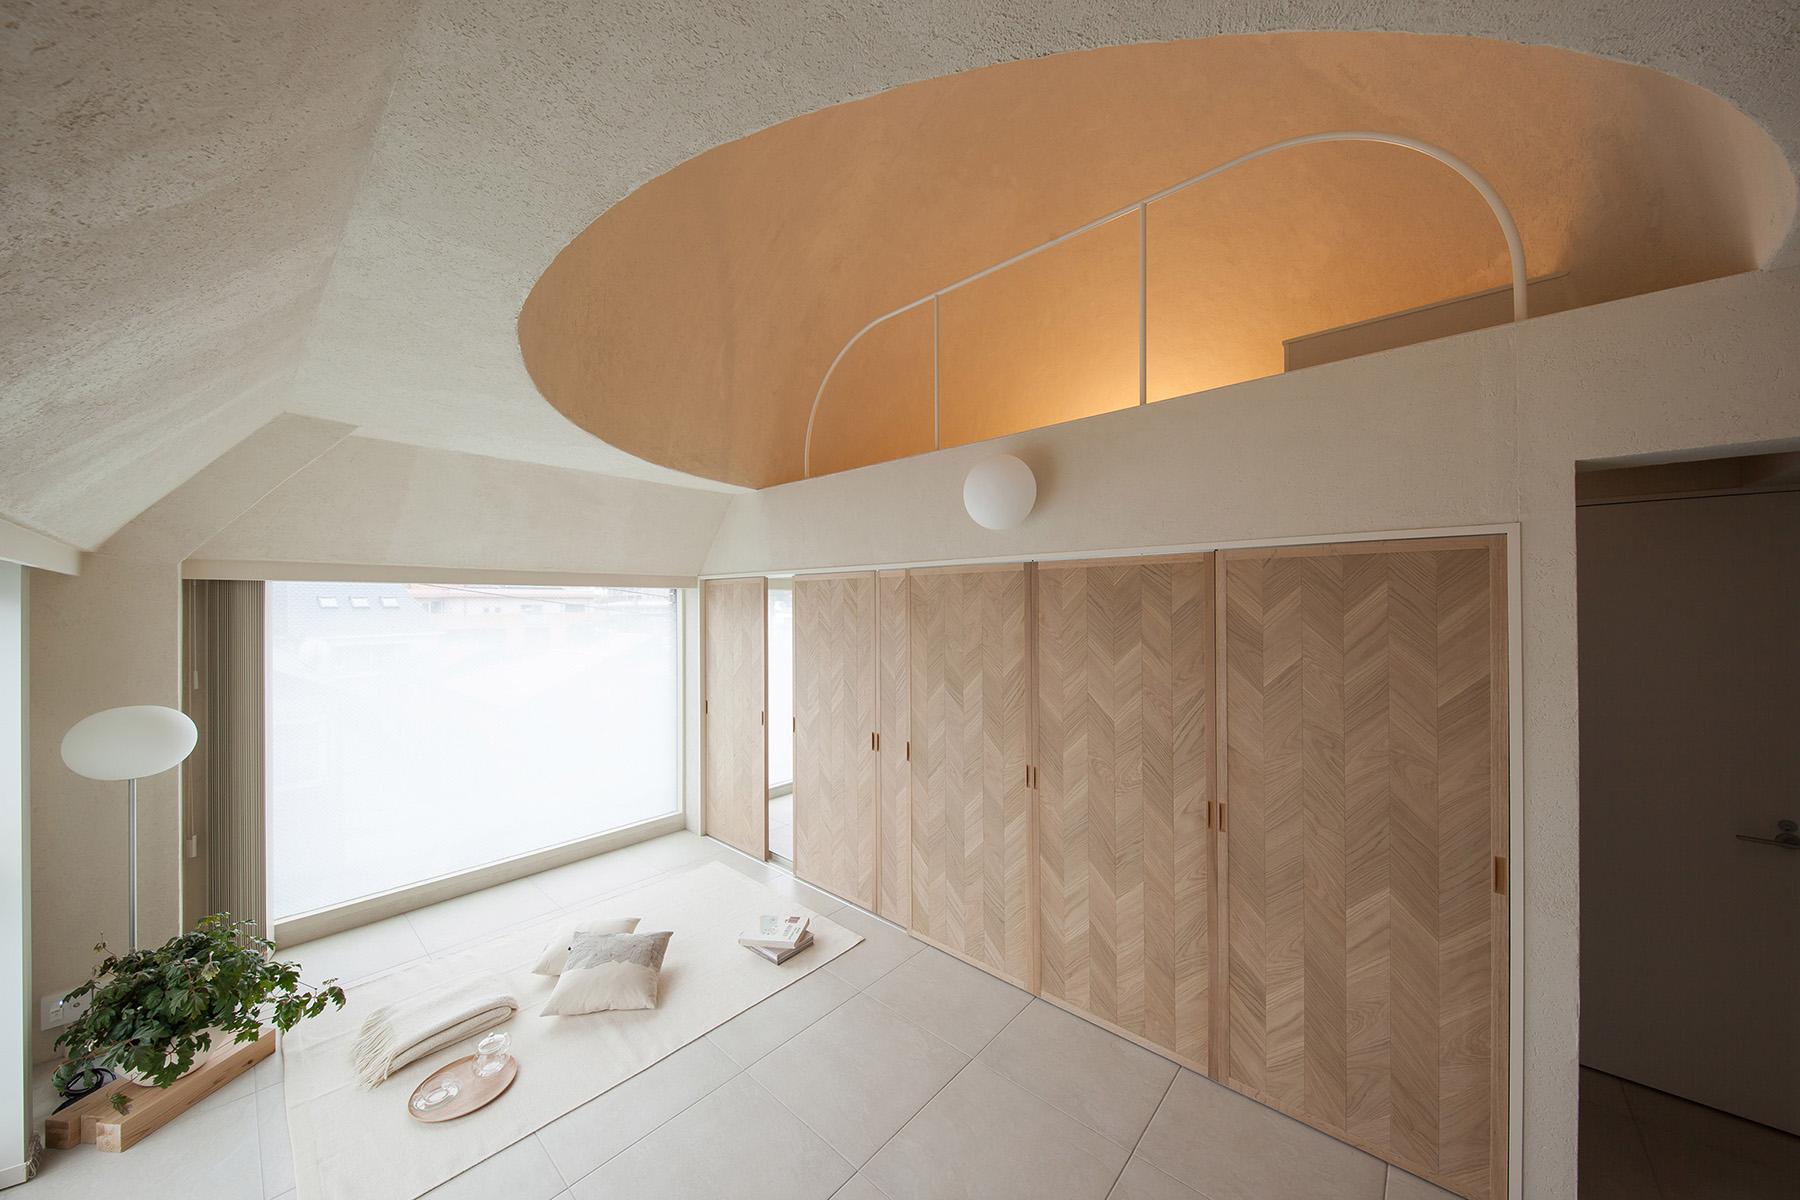 iGNANT-Architecture-Hiroyuki-Ogawa-Shibuya-Apartment-05